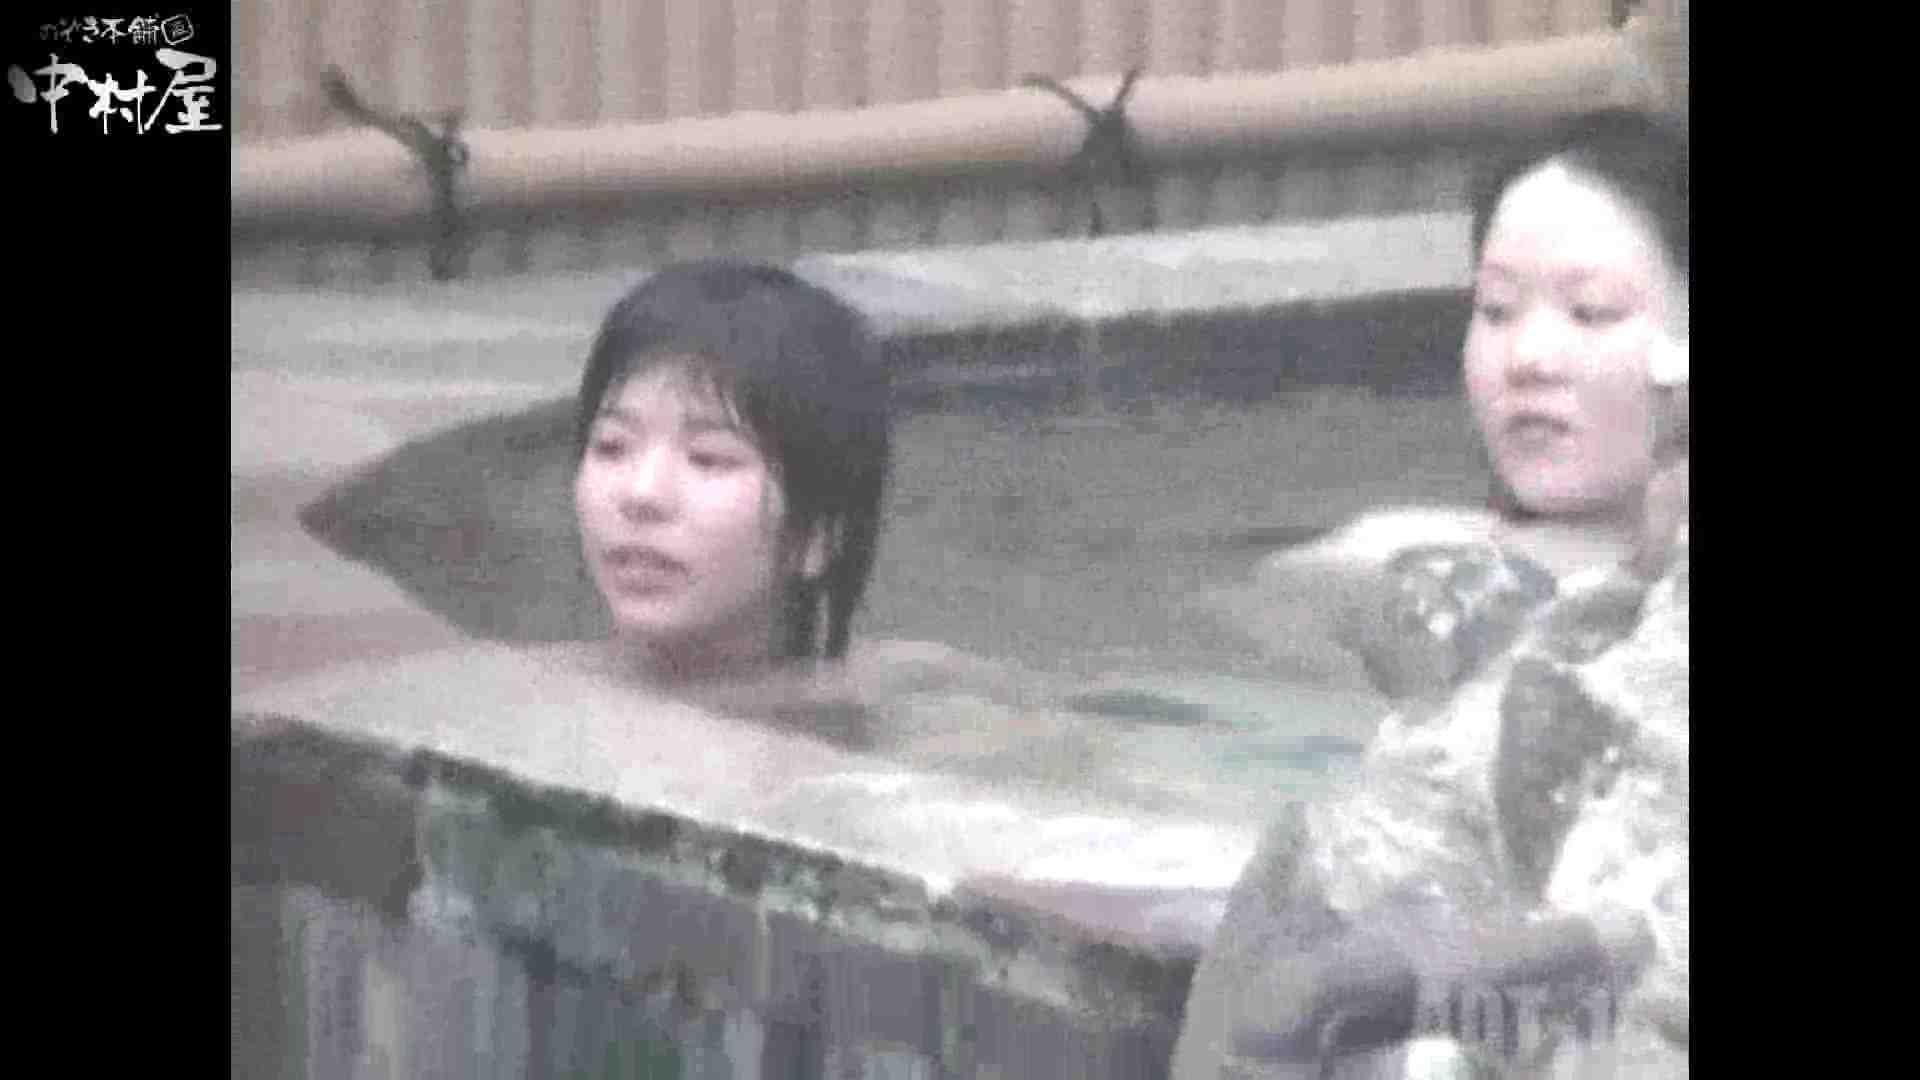 Aquaな露天風呂Vol.880潜入盗撮露天風呂十六判湯 其の七 盗撮シリーズ | 潜入  111PIX 34